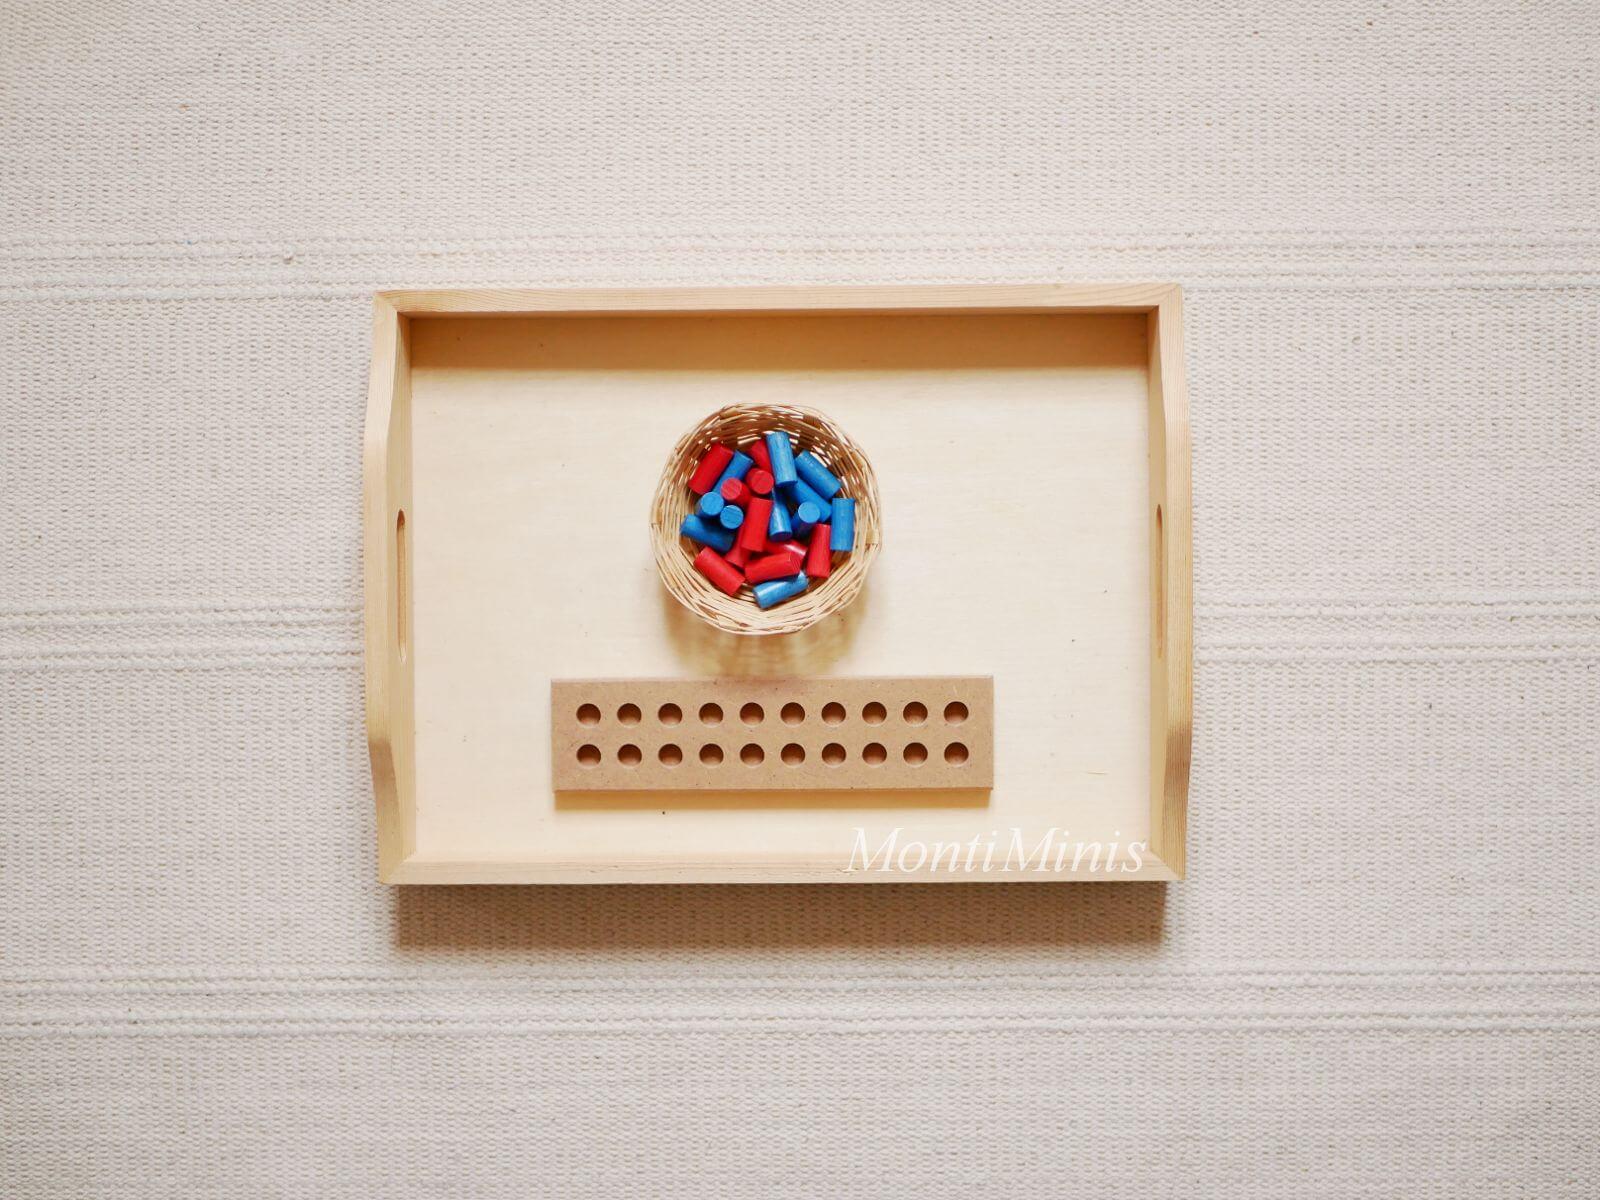 Mathematik-Aktionstablett: Zwanziger Steckbrett-Mathe-Spielideen-Spielerisch lernen, Montessori Zuhause, Unterrichtsmaterial, Kindergarten, Vorschule & Grundschule-montiminis.com